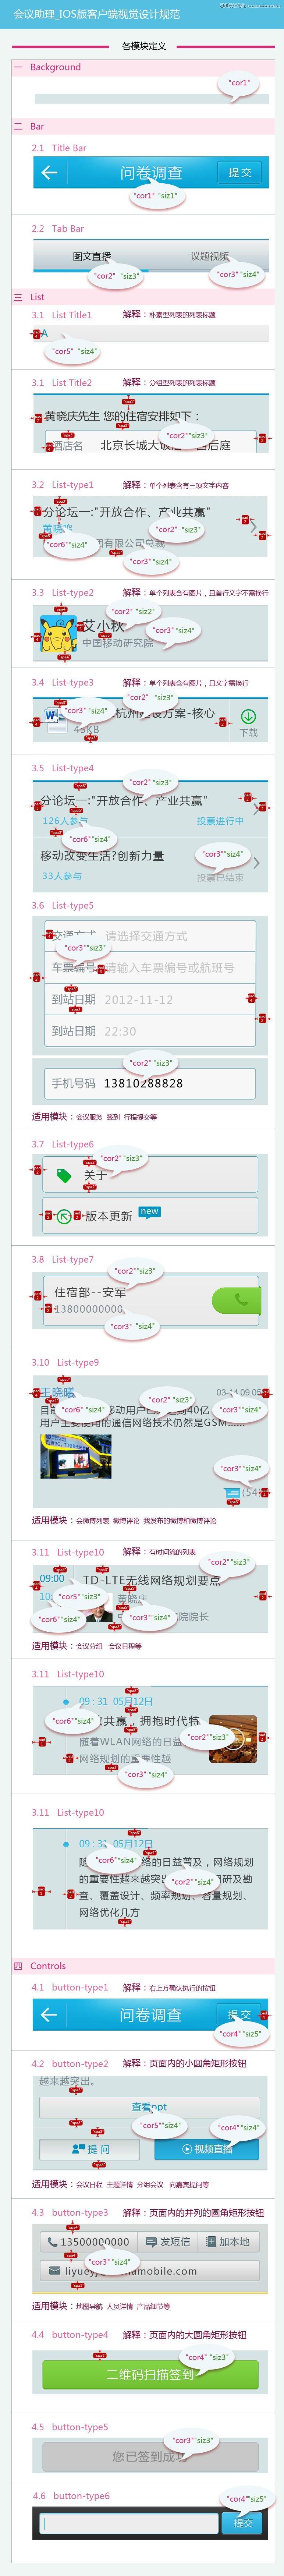 手機客戶端UI設計規範模版